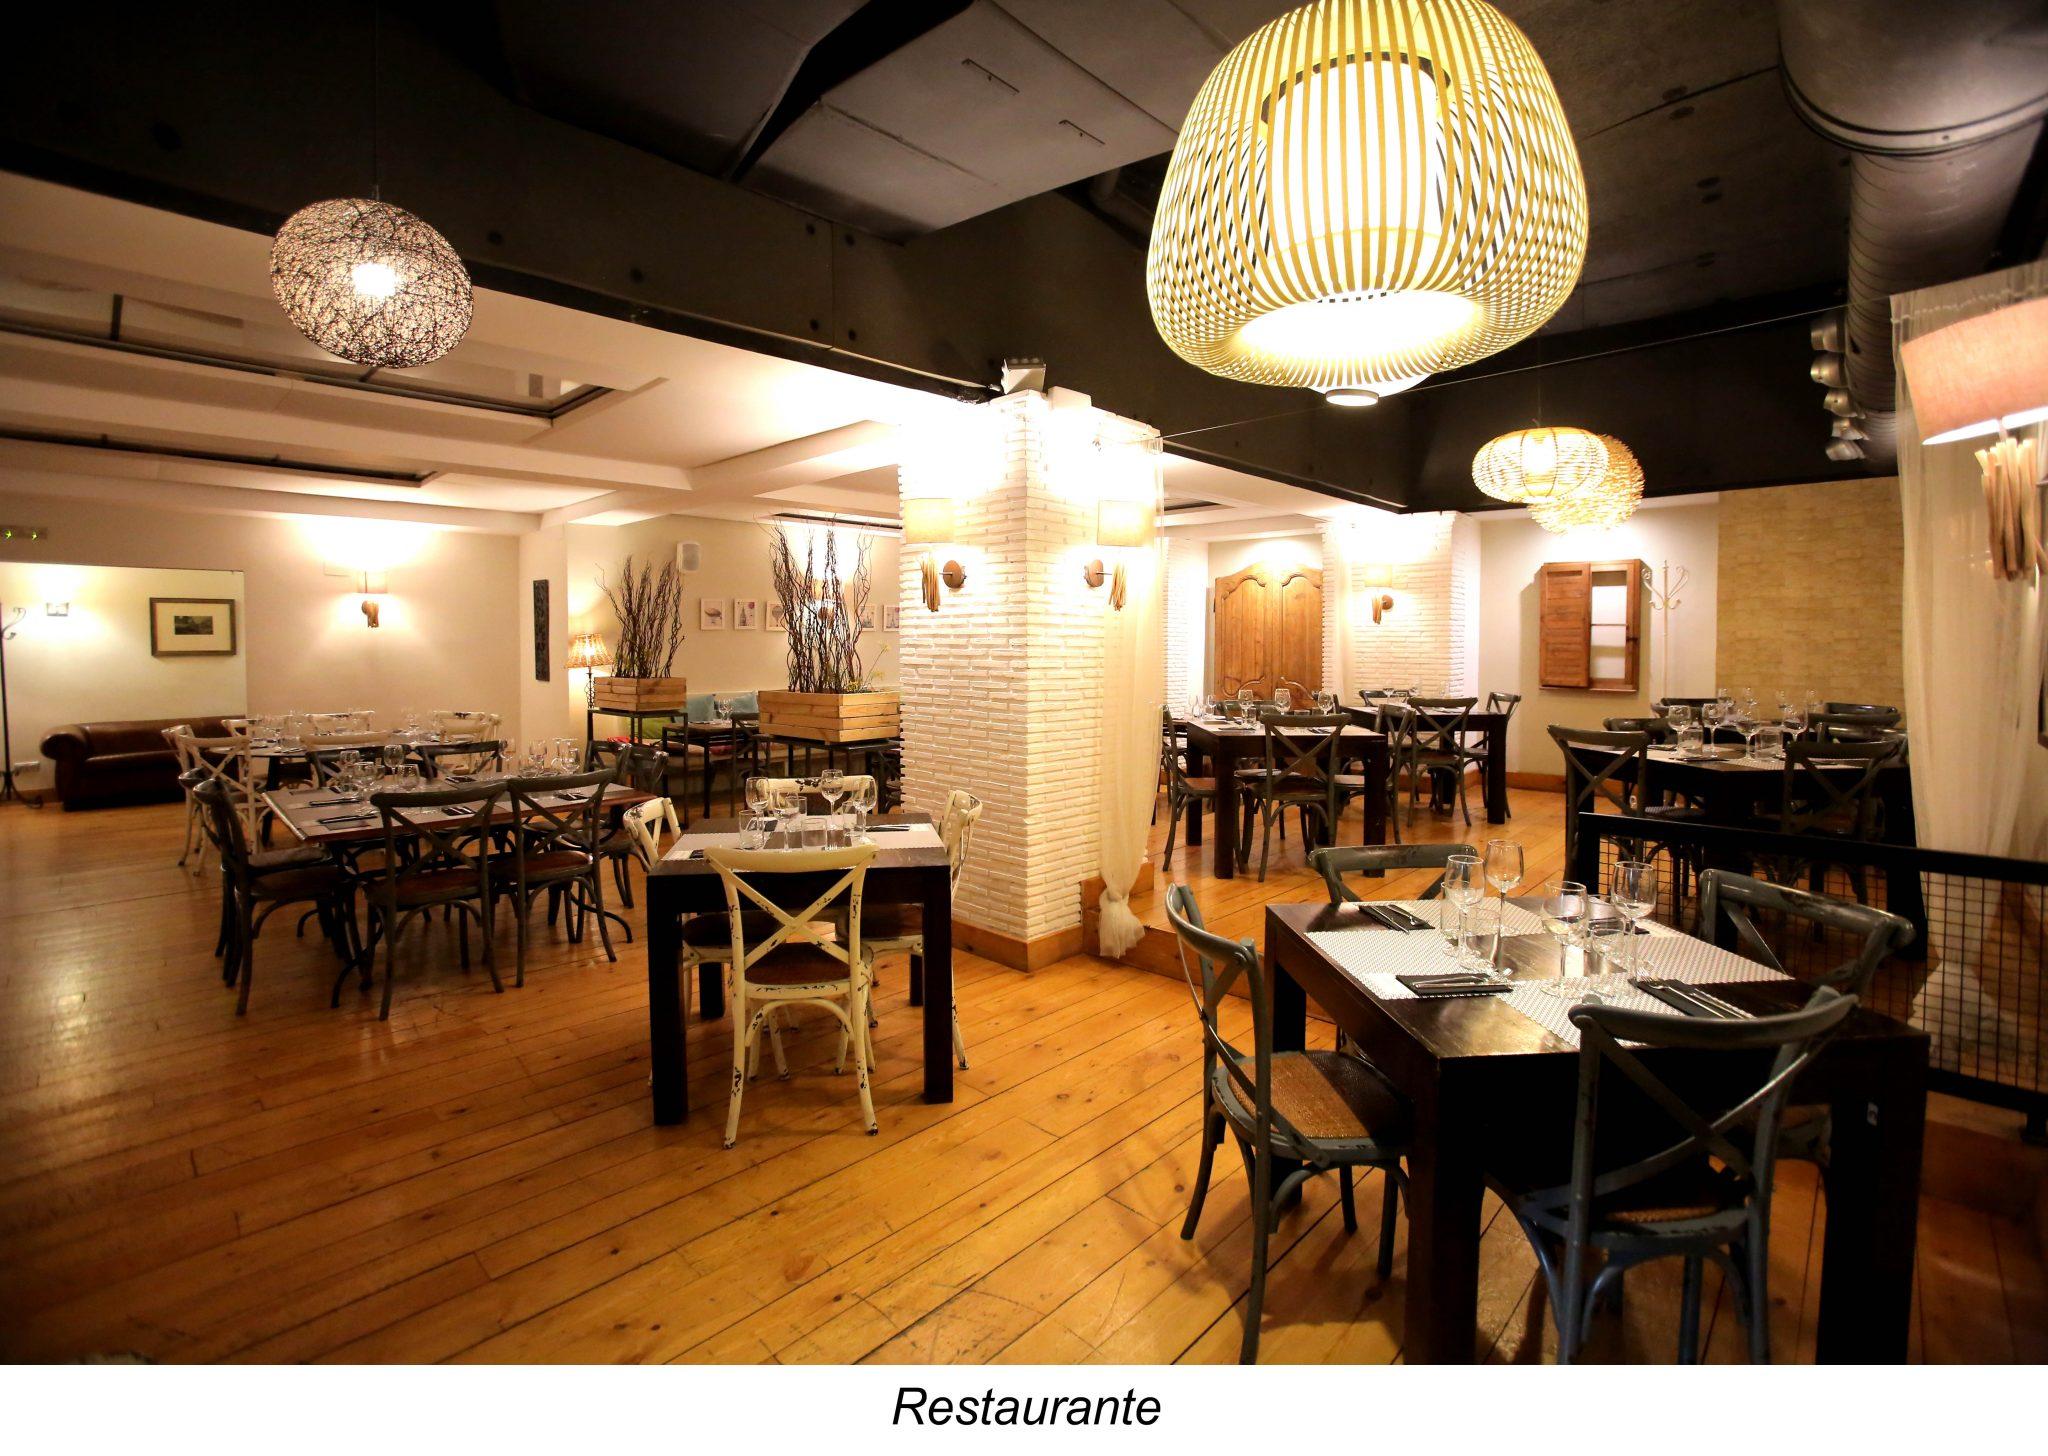 06. Restaurante